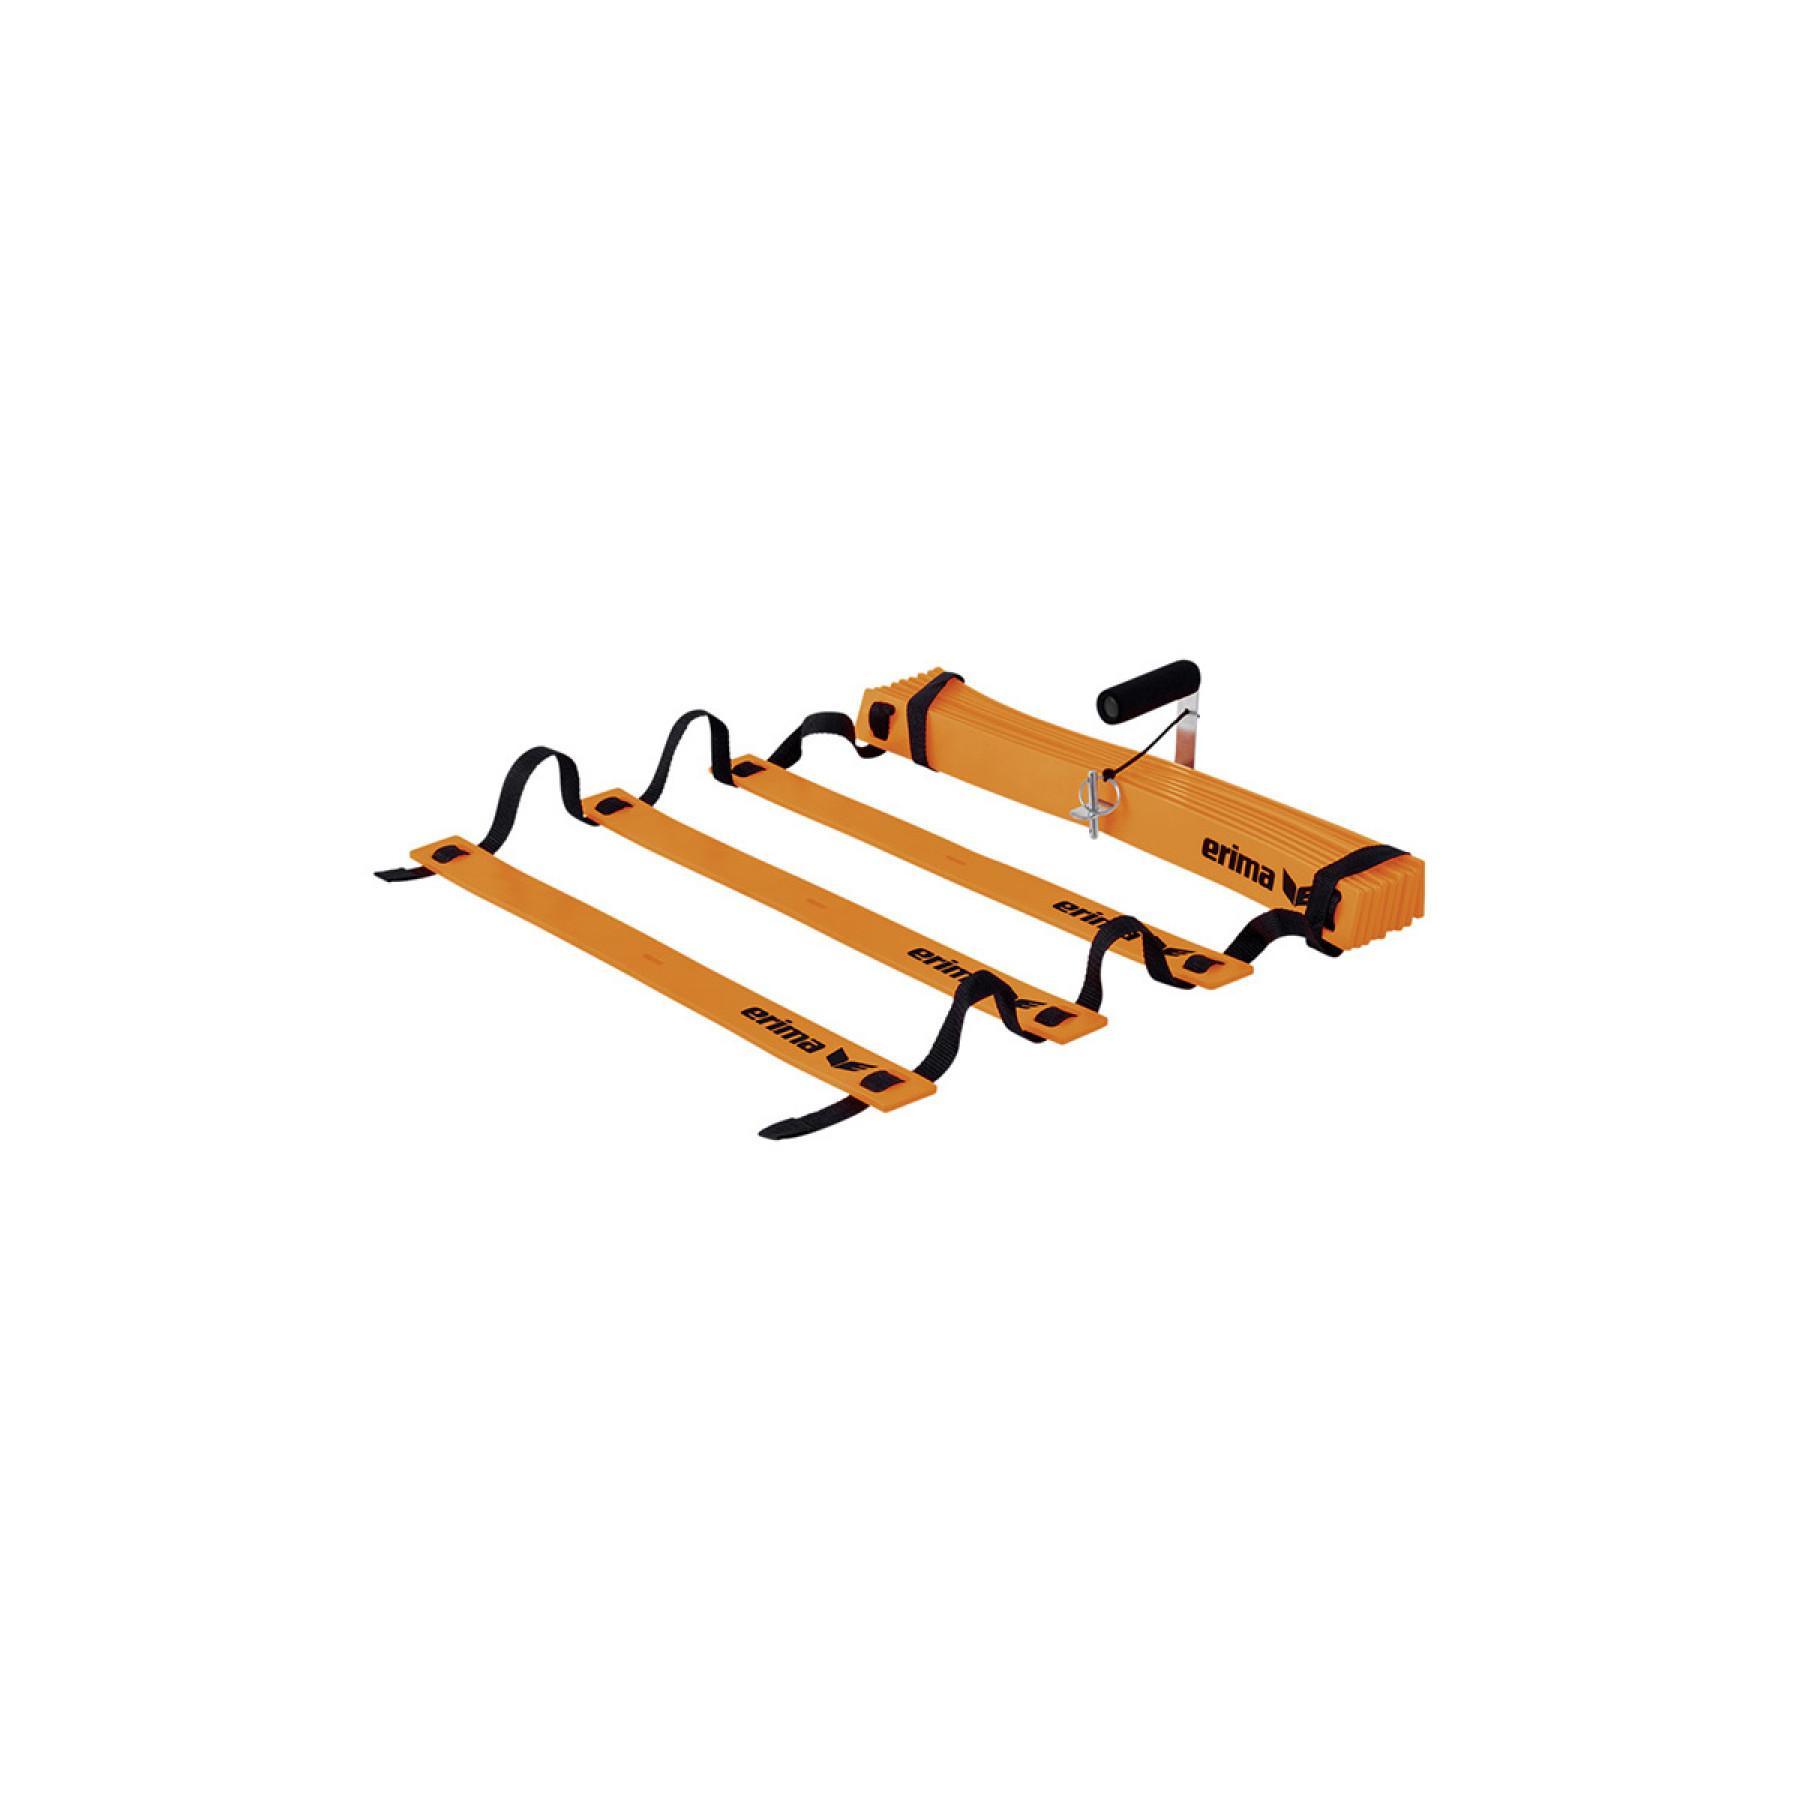 coordination ladder Erima flex